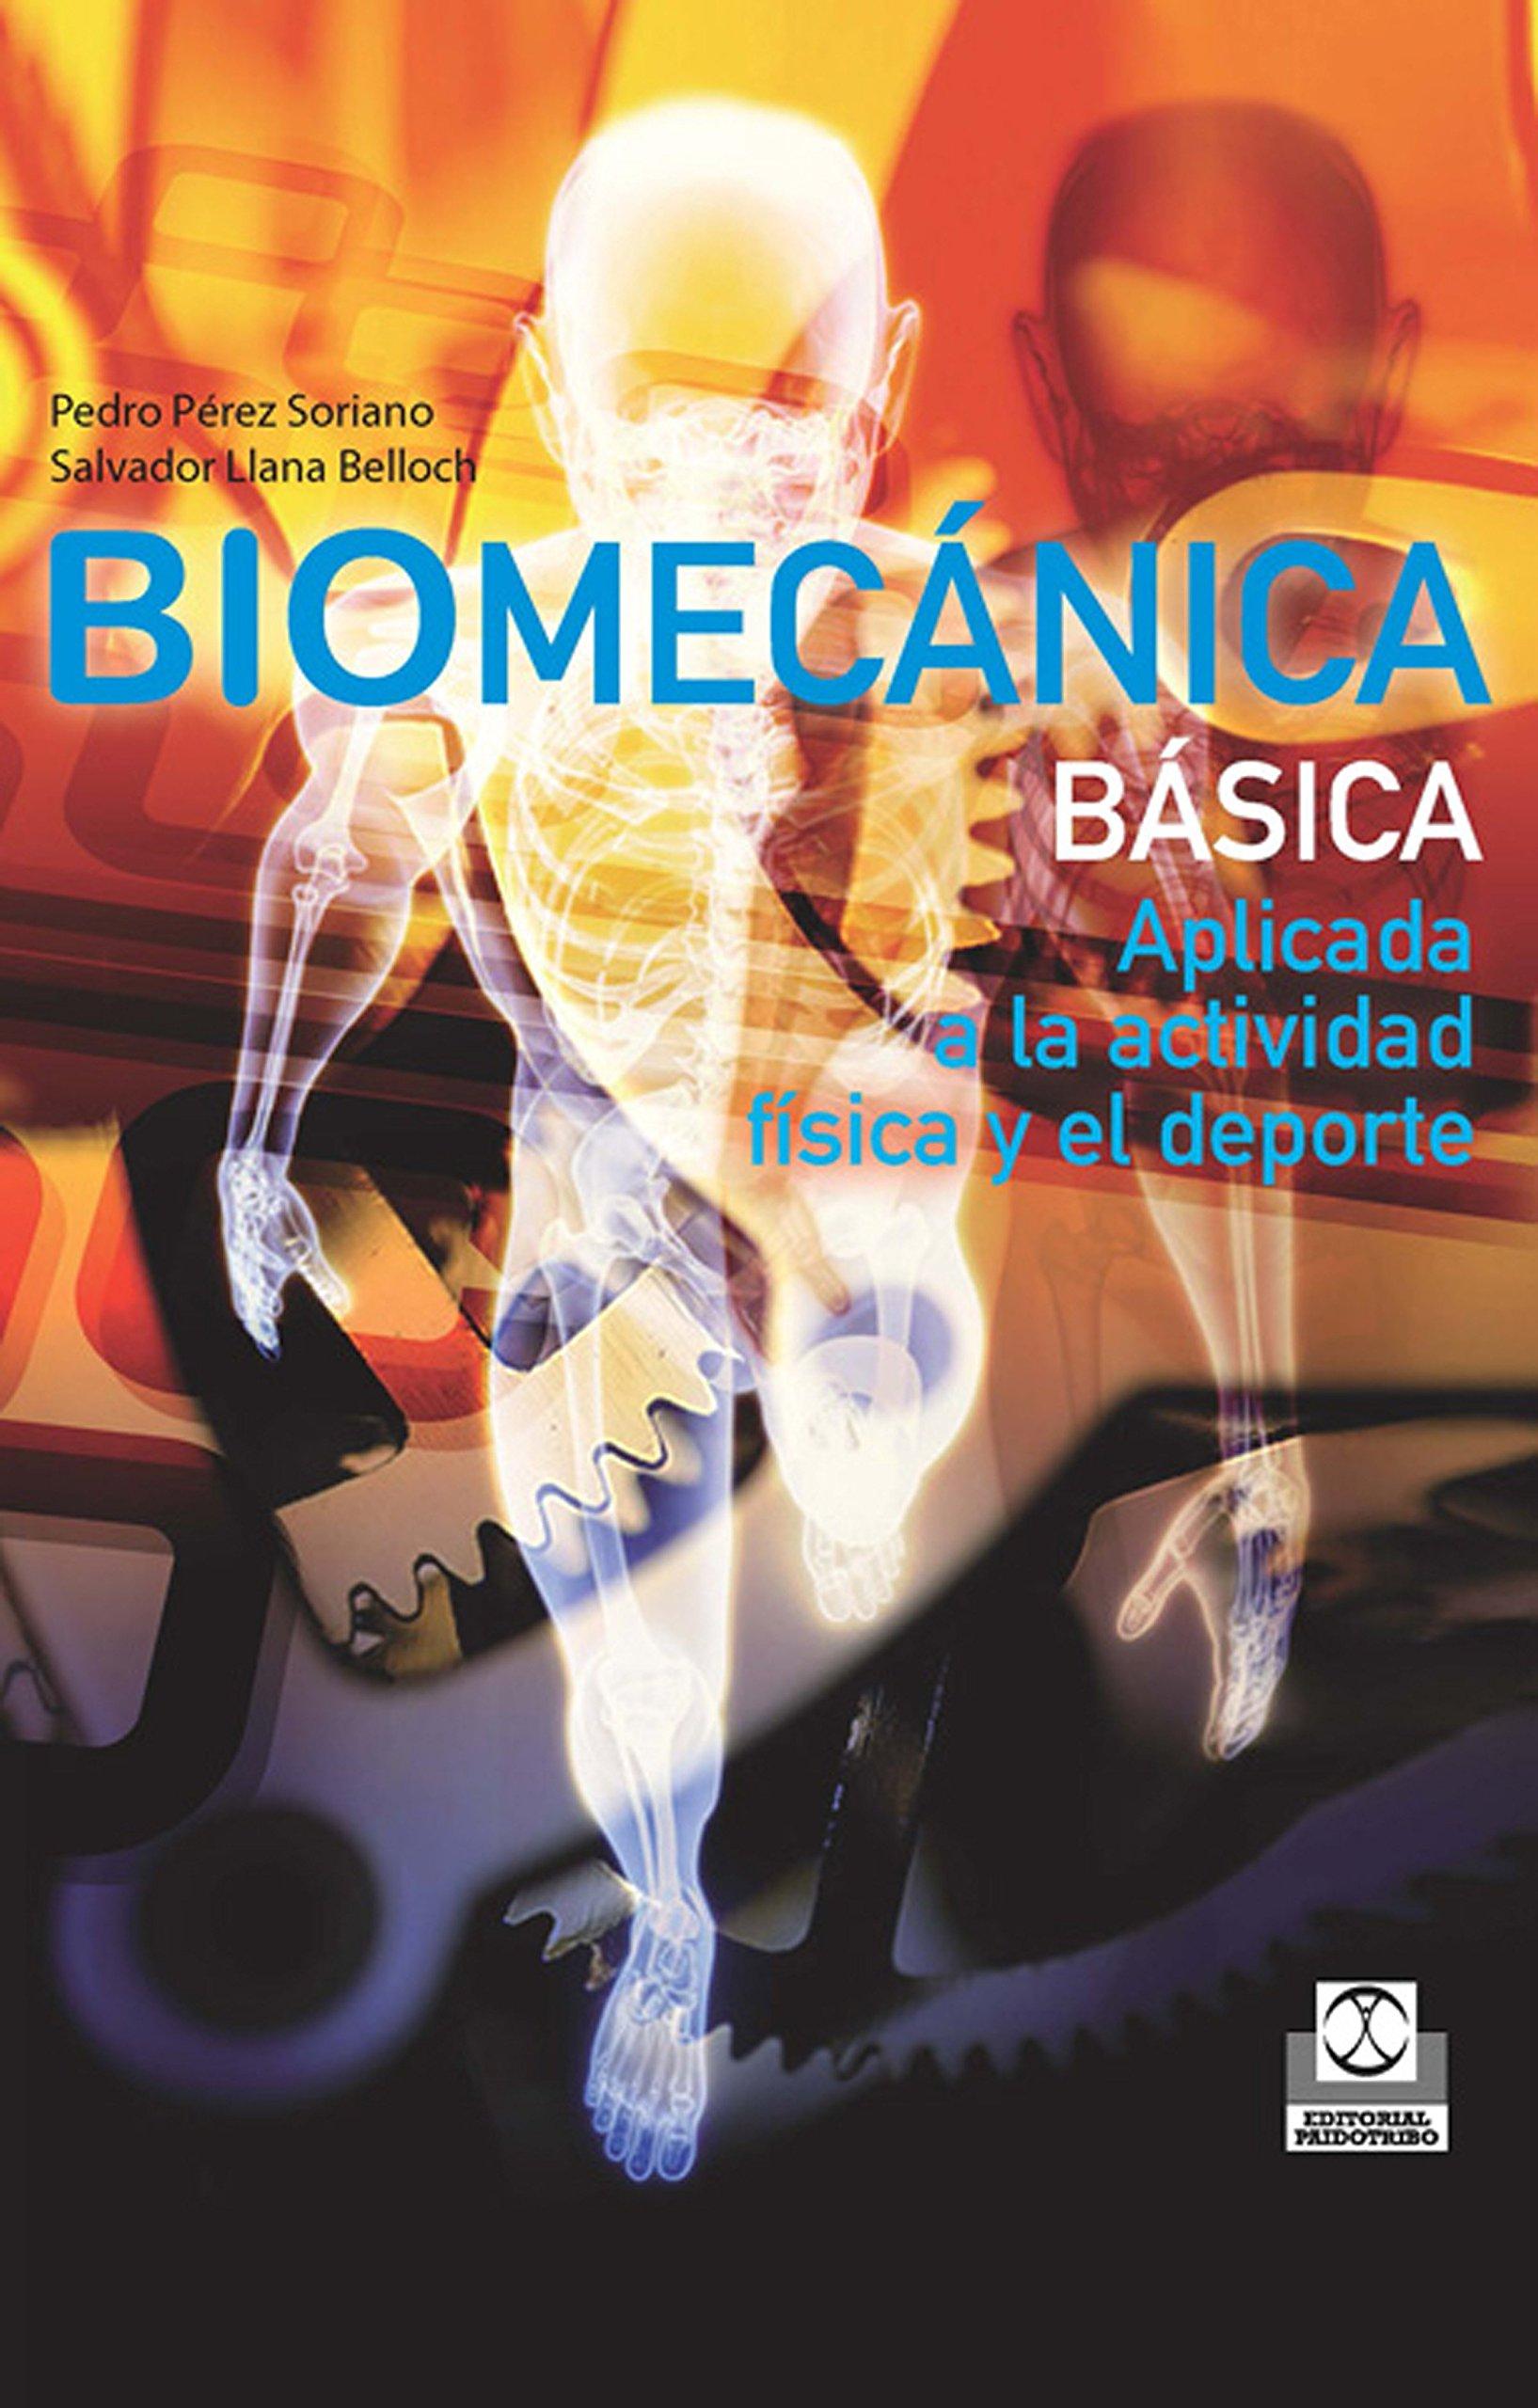 Biomecánica básica: Aplicada a la actividad física y el deporte (Color) (Deportes)